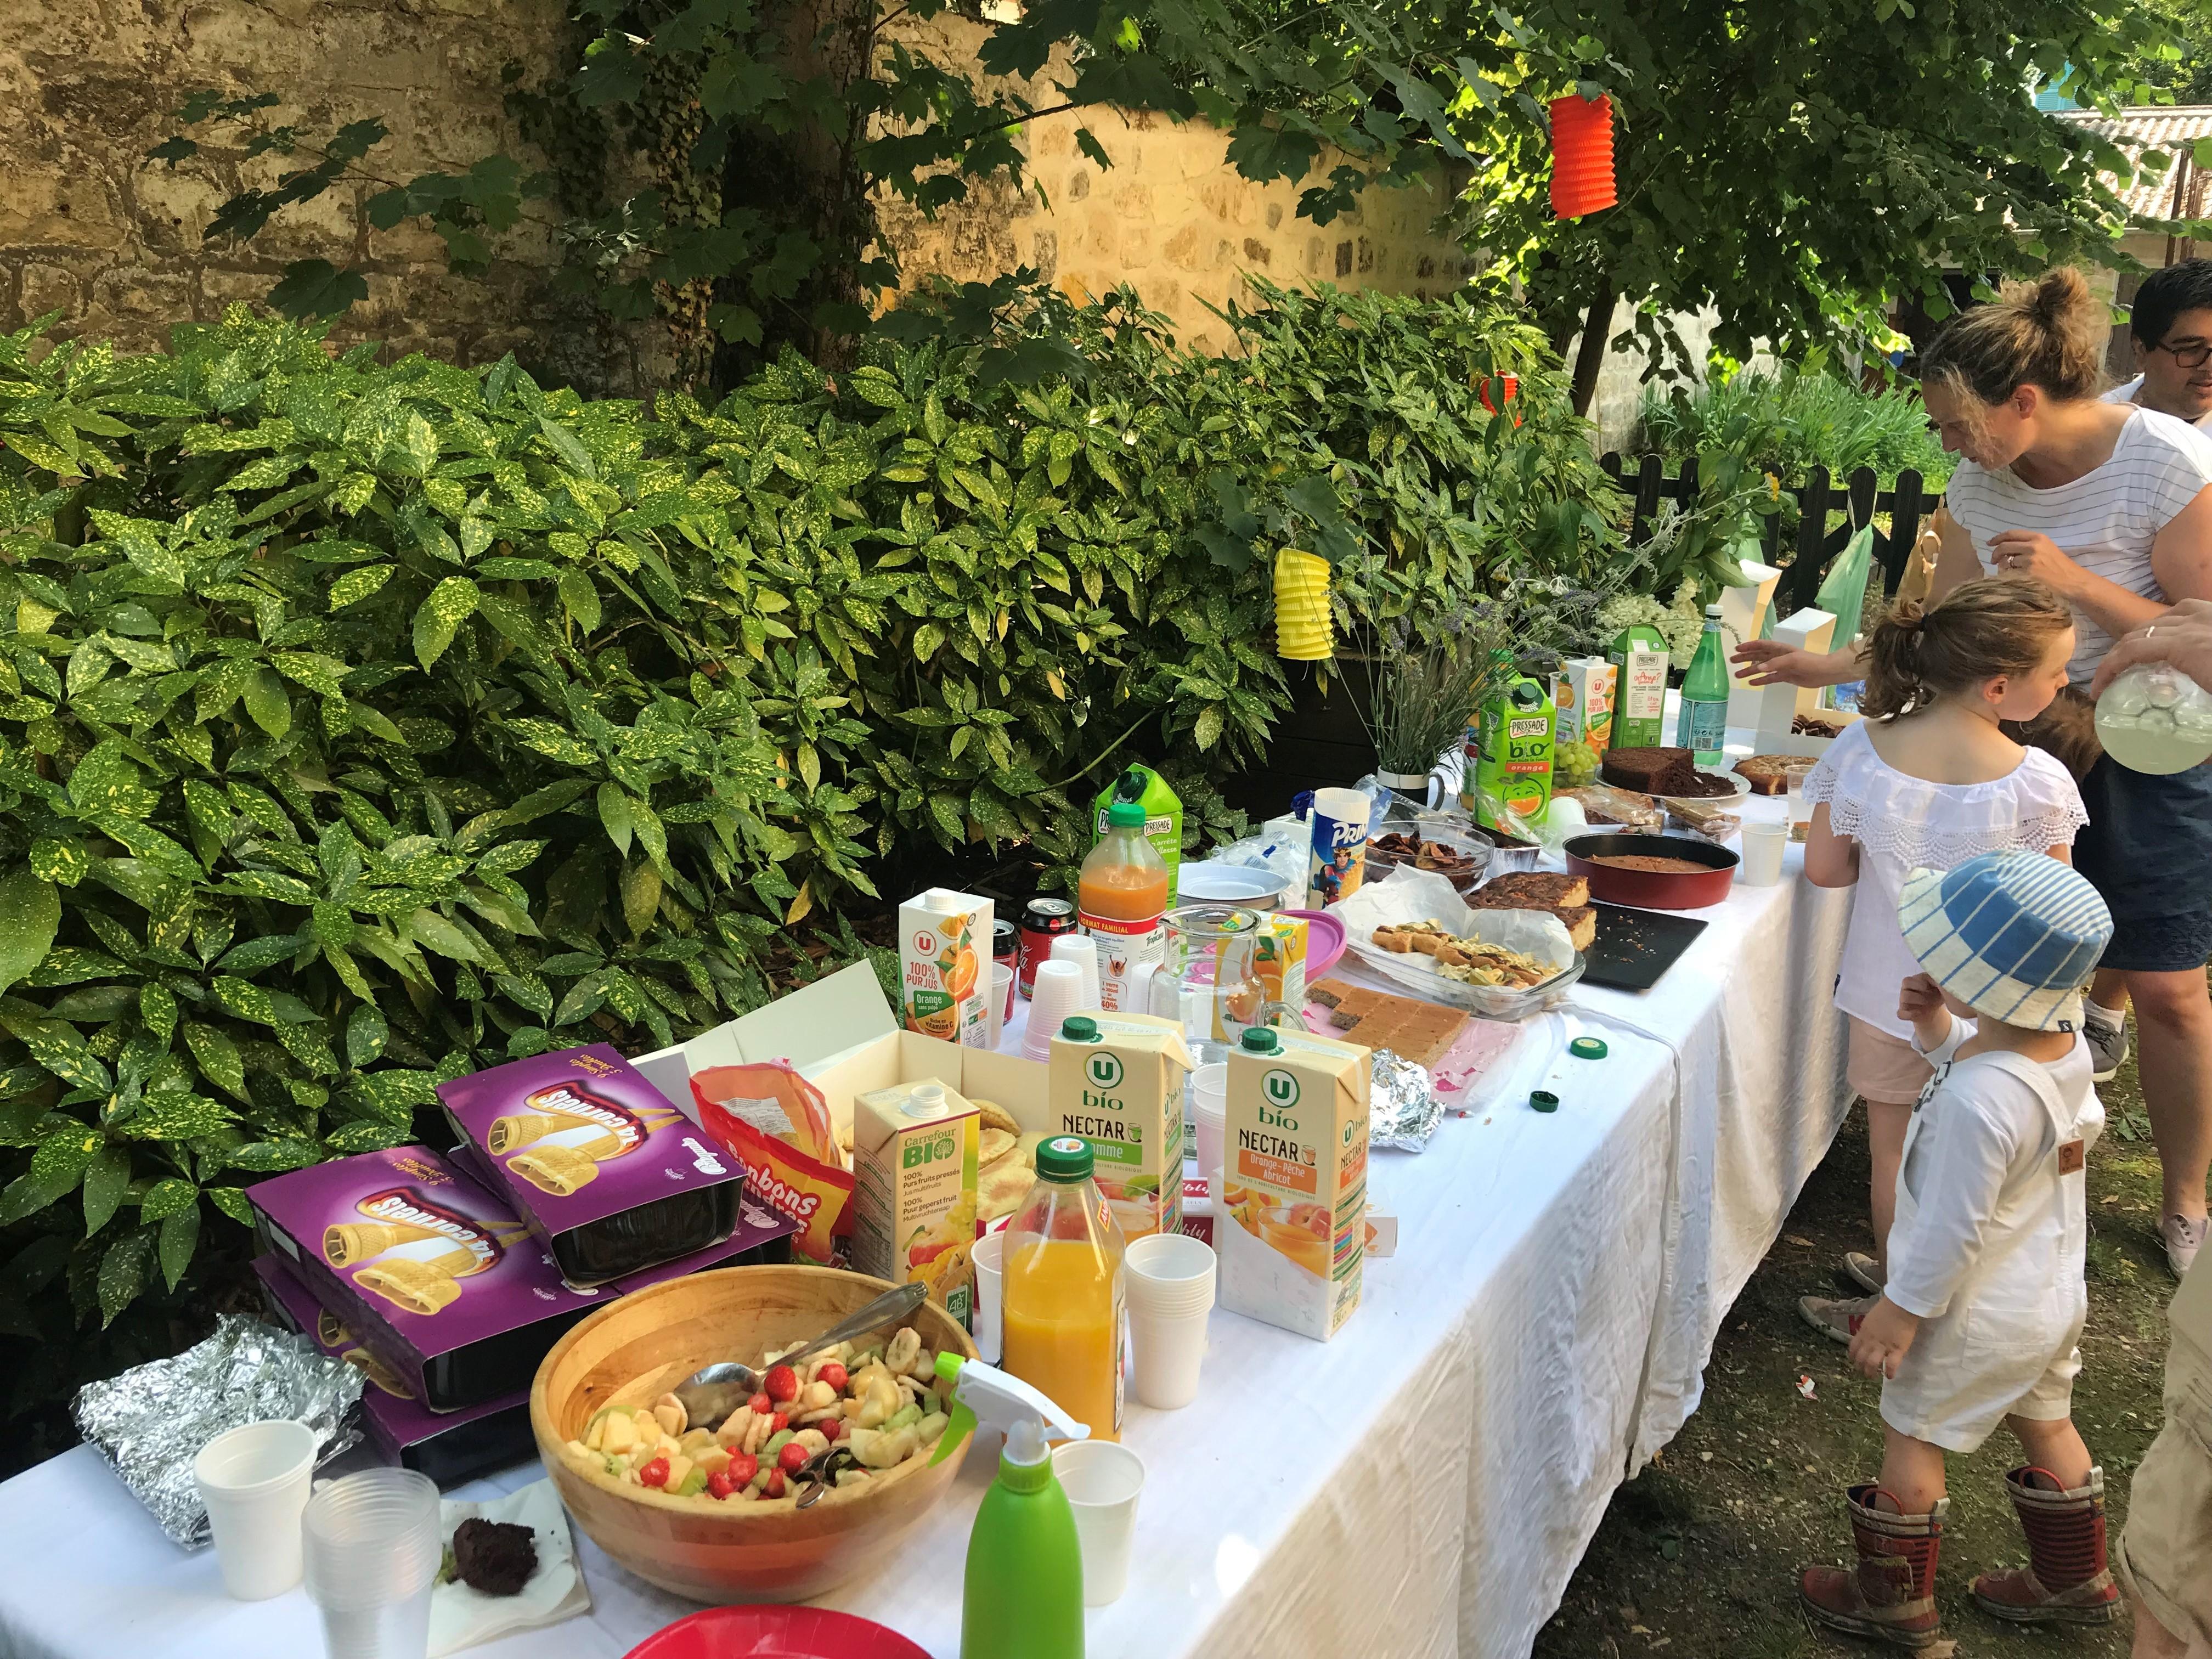 Crèche Chatou, Crèche associative Chatou, Crèche associative, Le Jardin des Petits Soleils, Fête de fin d'Année & Linda